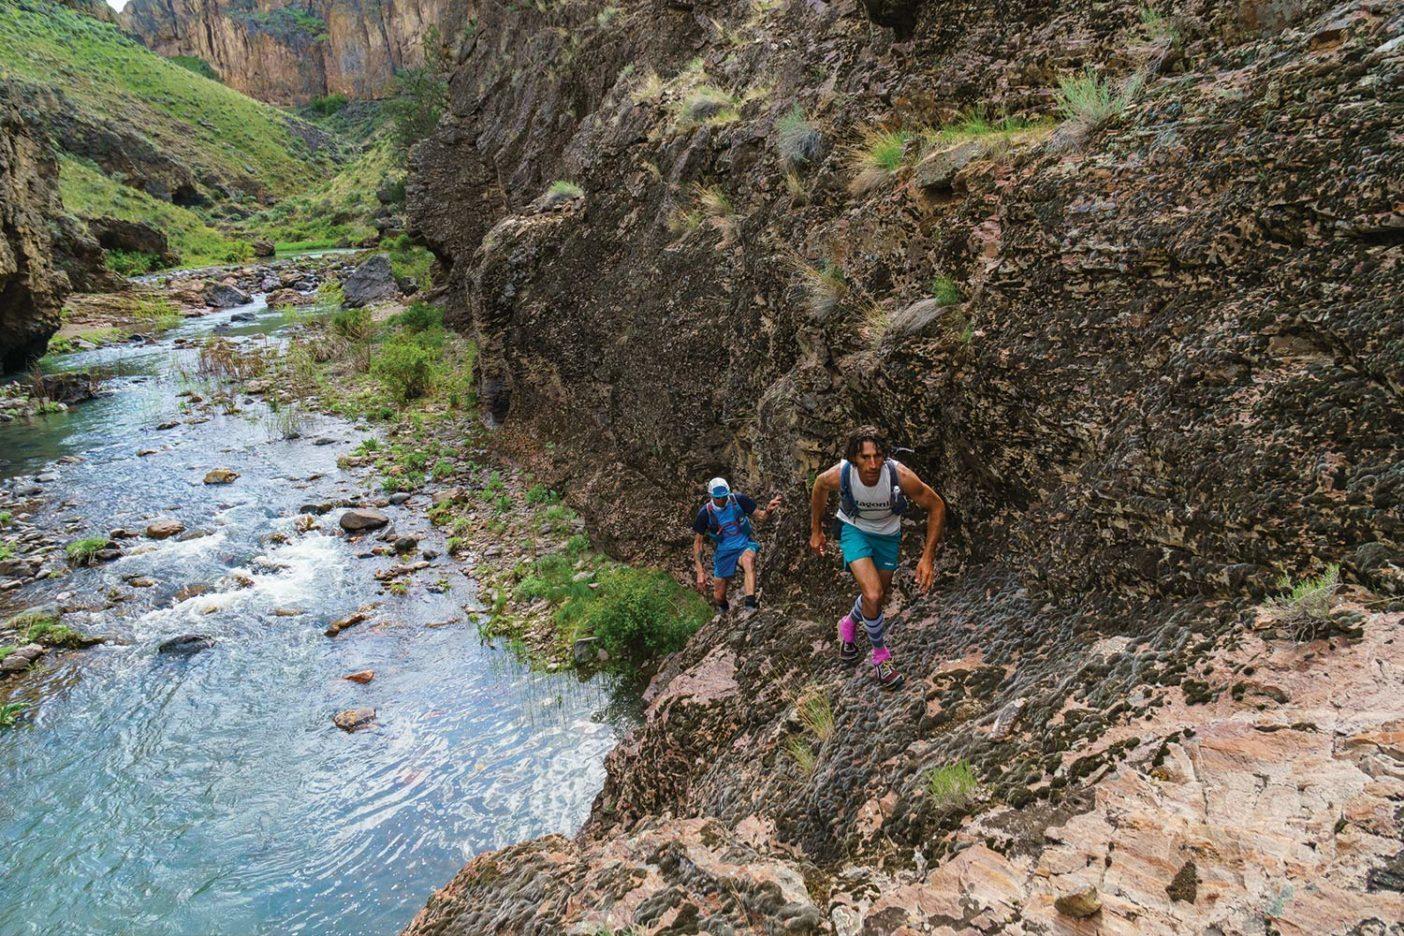 トッピン・キャニオンを抜けたあと、僕らは草が点々と生える川沿いの最後の数マイルの岩場を軽快に駆け抜けた。Photo: Fredrik Marmsater